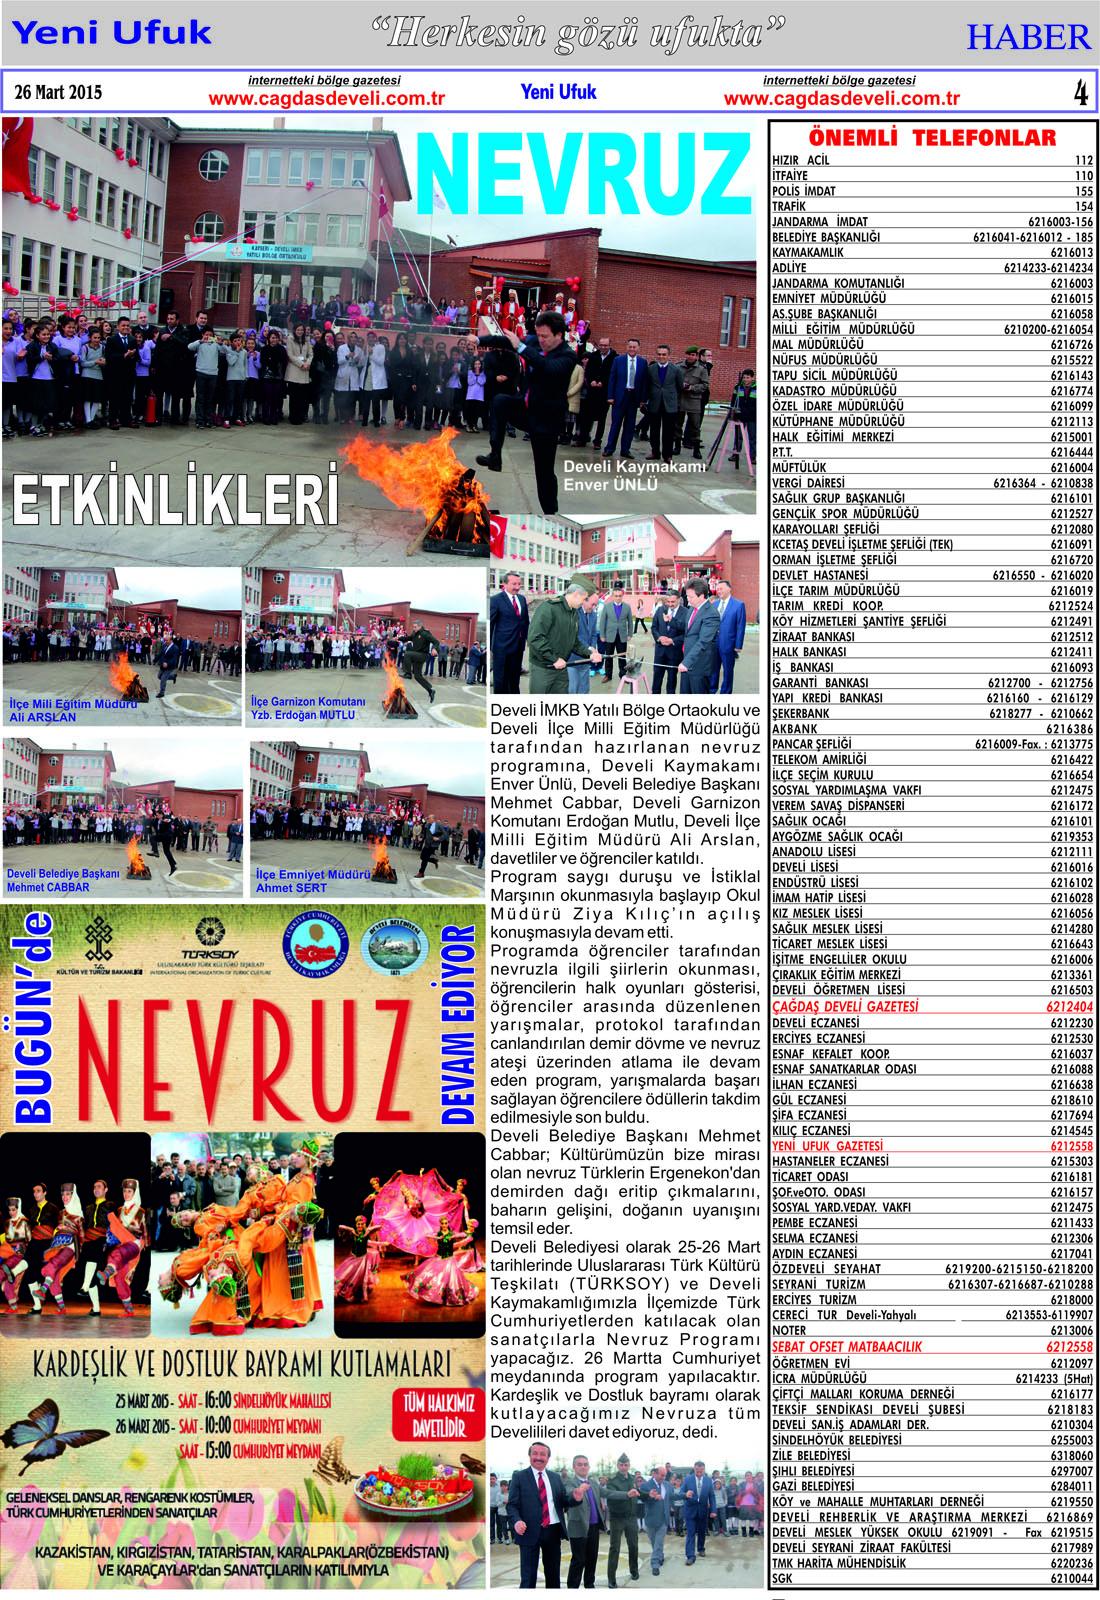 Yeni Ufuk Bölge Gazetesi, 26 Mart 2015, Sayfa 4